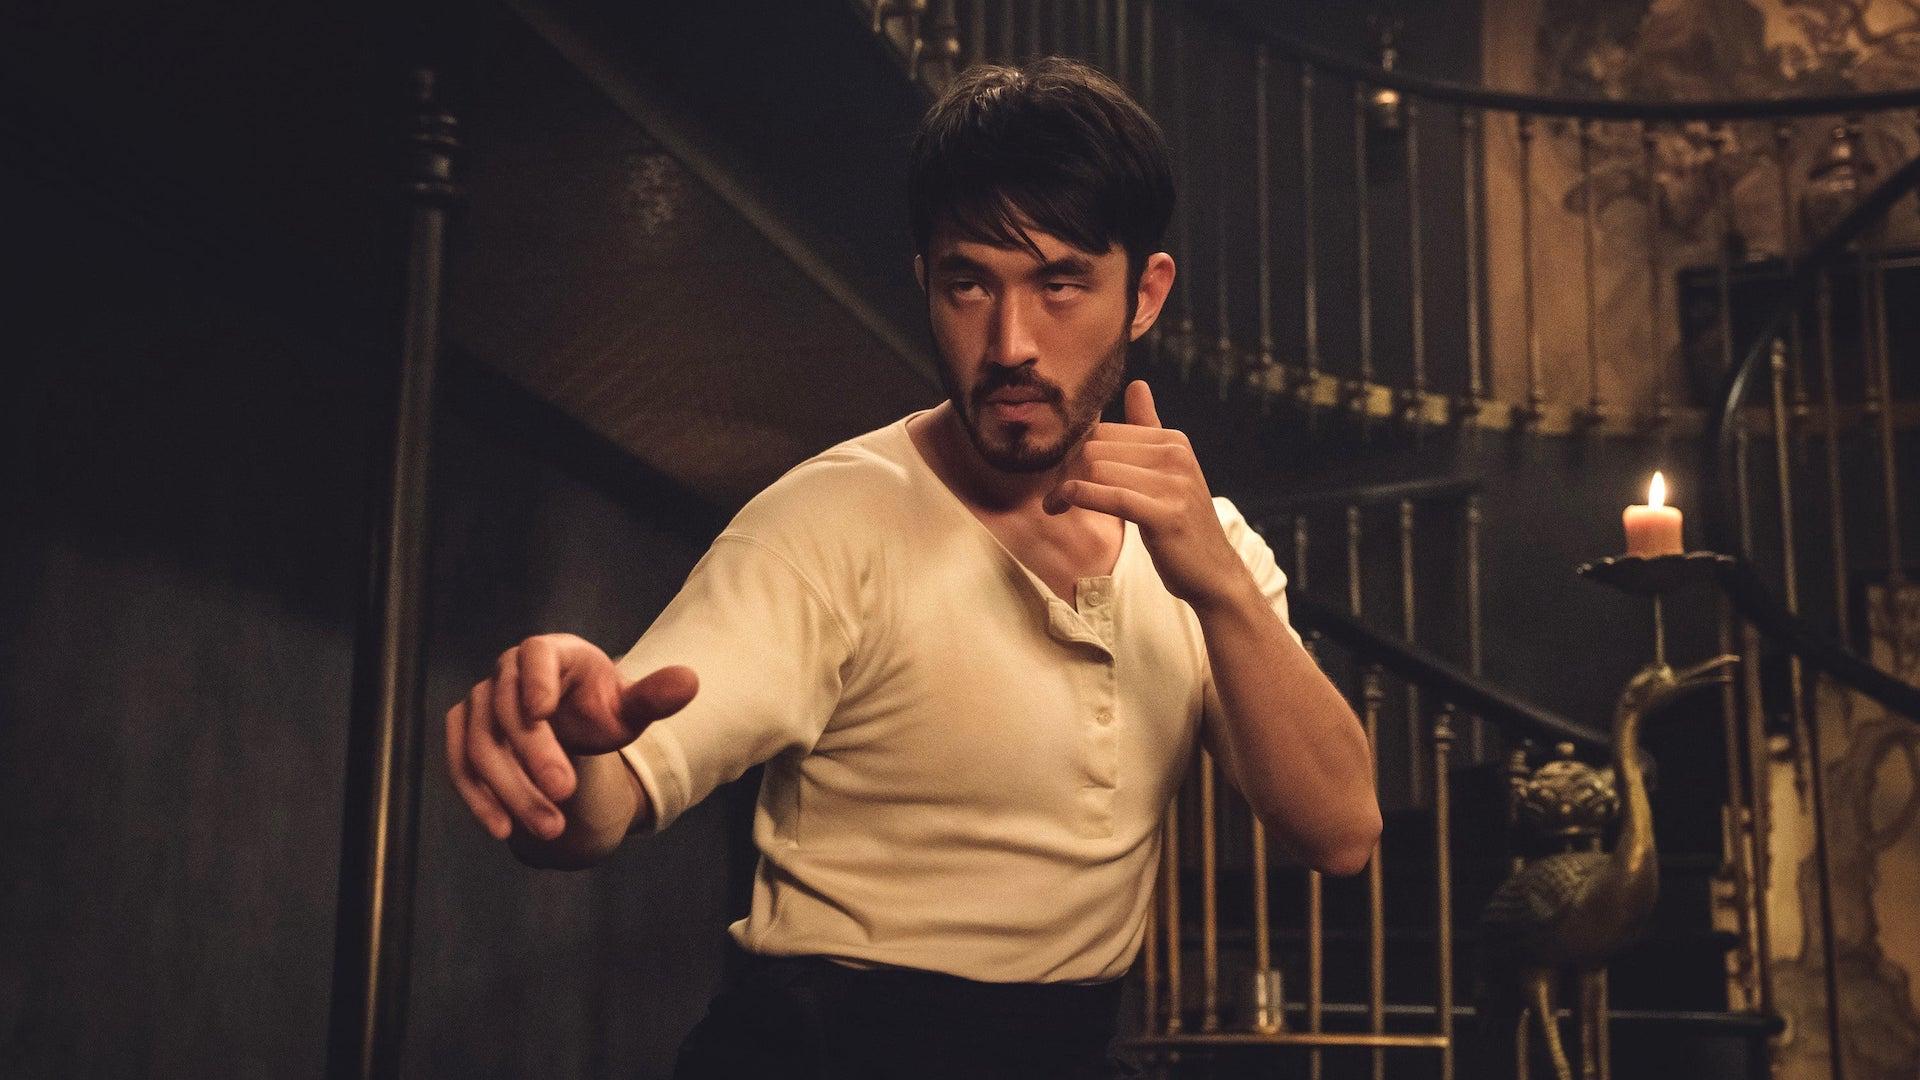 La segunda temporada de Warrior llega con más violencia a HBO